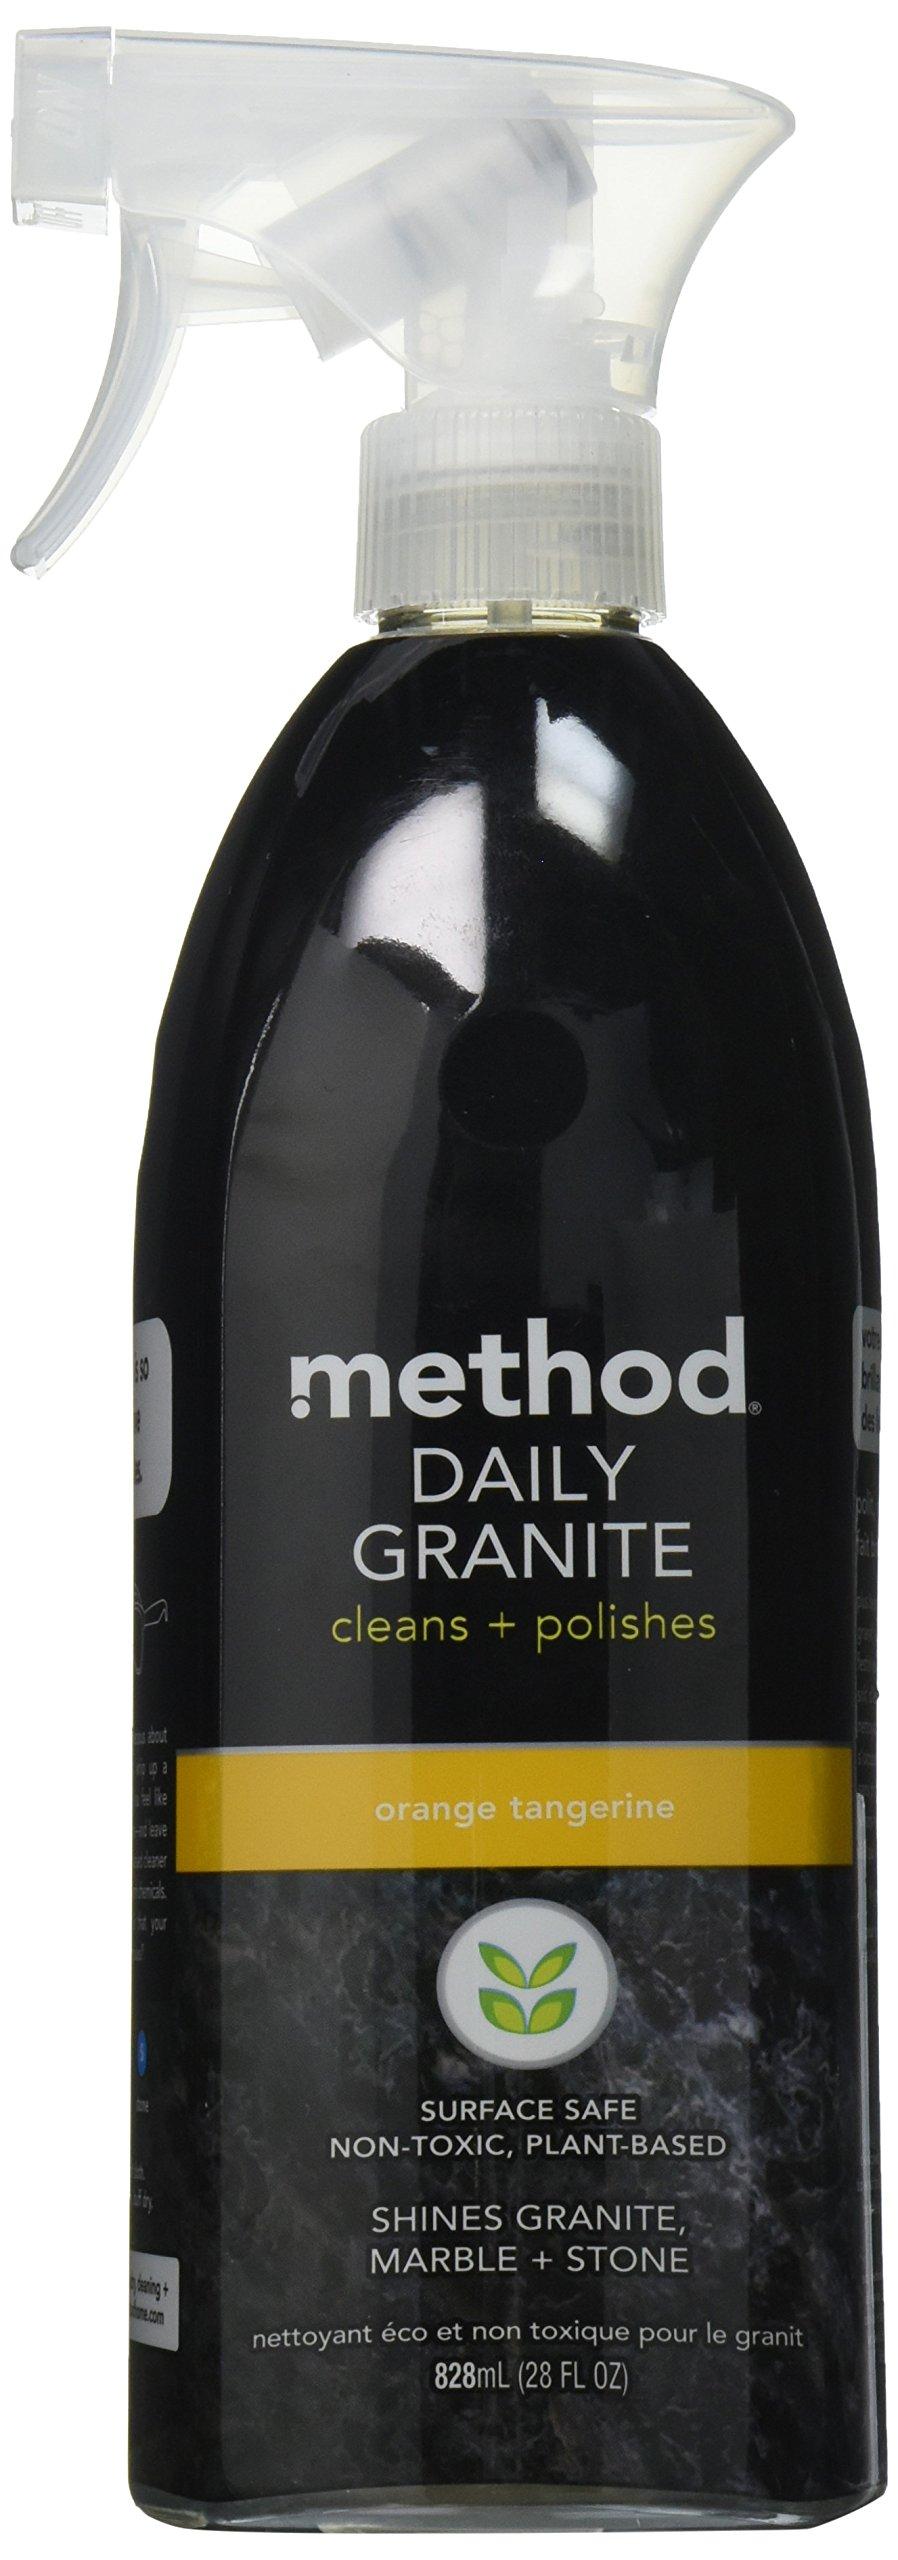 Method 482-S-F9 Daily Granite Cleaner, Orange Tangerine, 28 Ounce